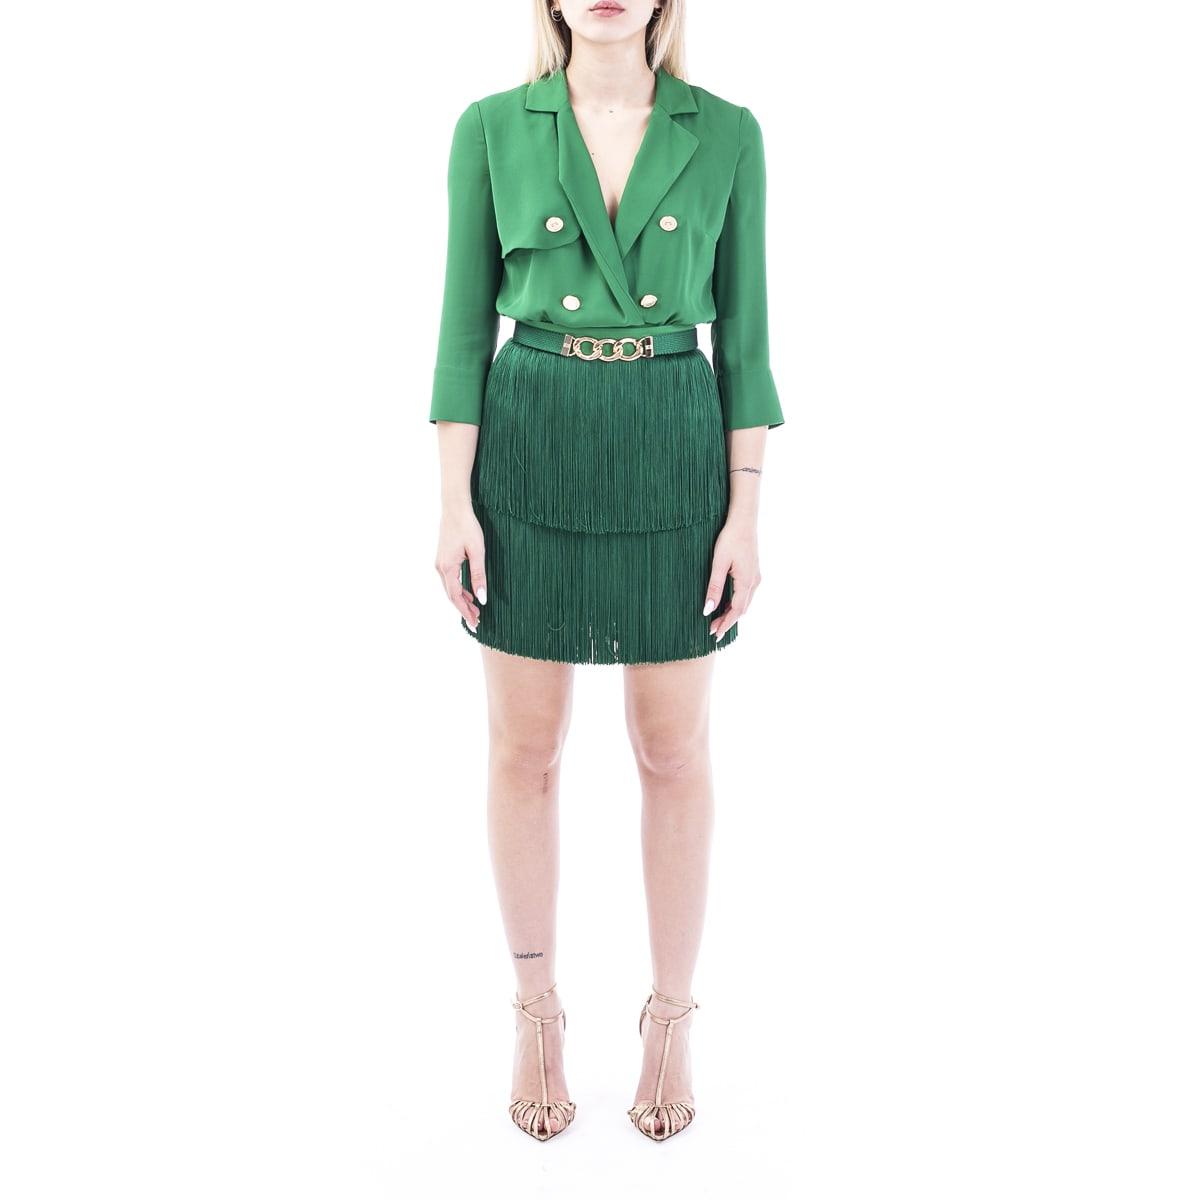 Buy Elisabetta Franchi Celyn B. Elisabetta Franchi Dress online, shop Elisabetta Franchi Celyn B. with free shipping